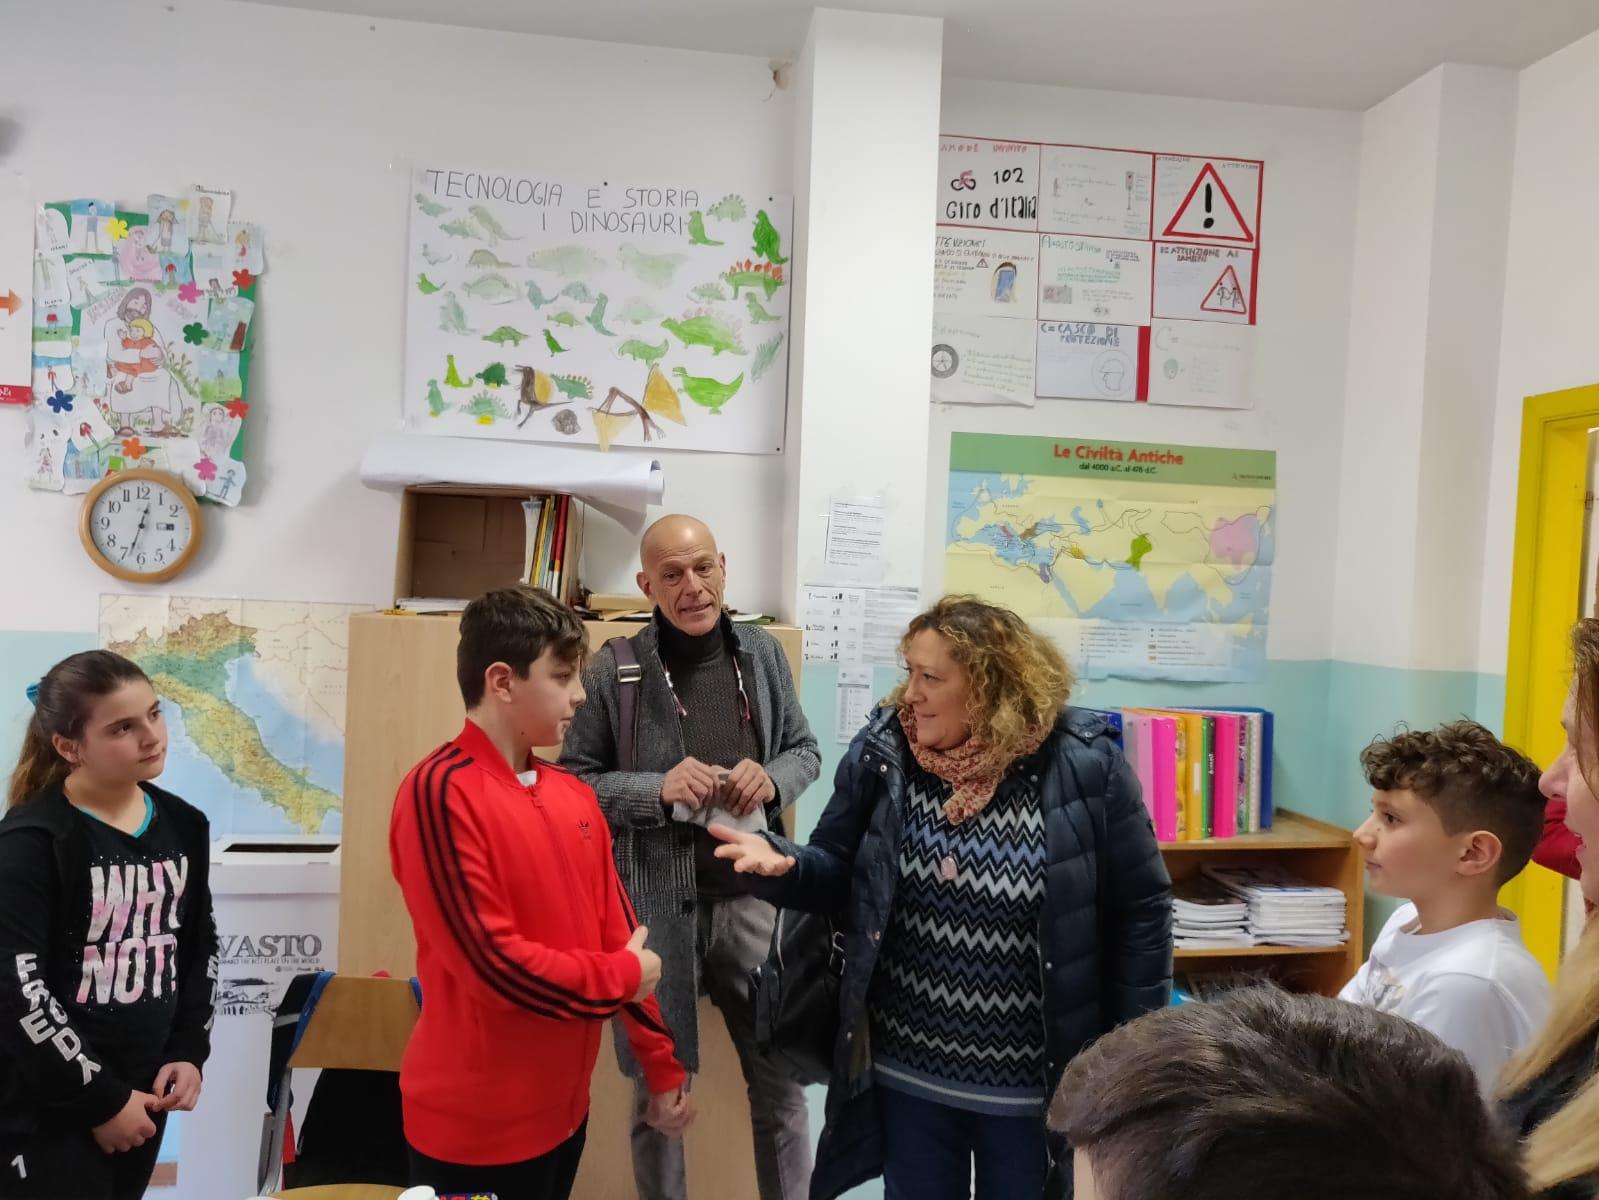 """La Scuola Primaria """"G. Spataro"""" di Vasto è Plastic Free. Arrivano 400 borracce!"""